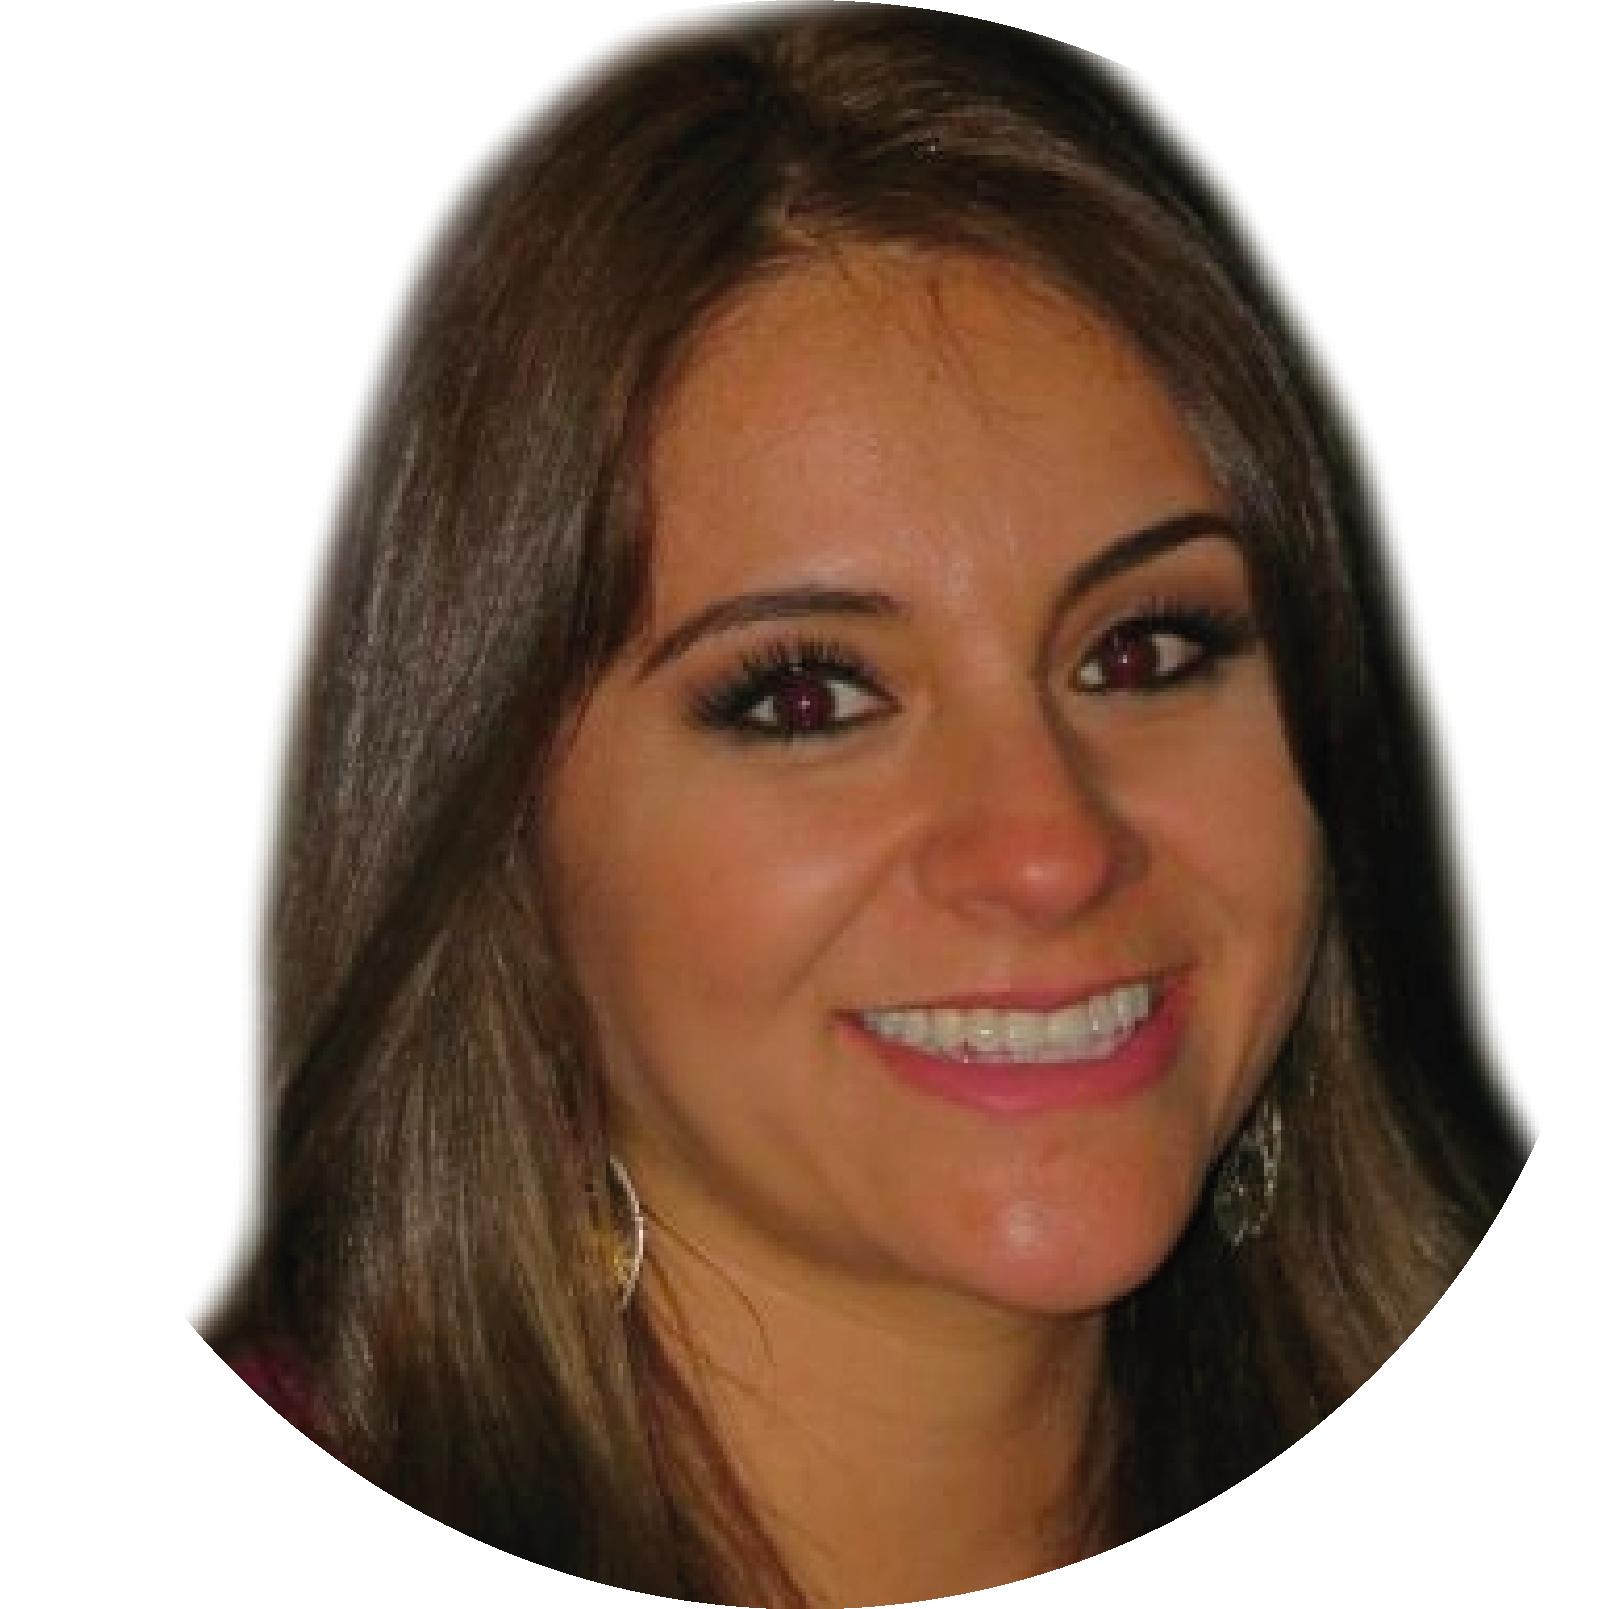 Mgtr. Verónica Alejandra Chávez Torres